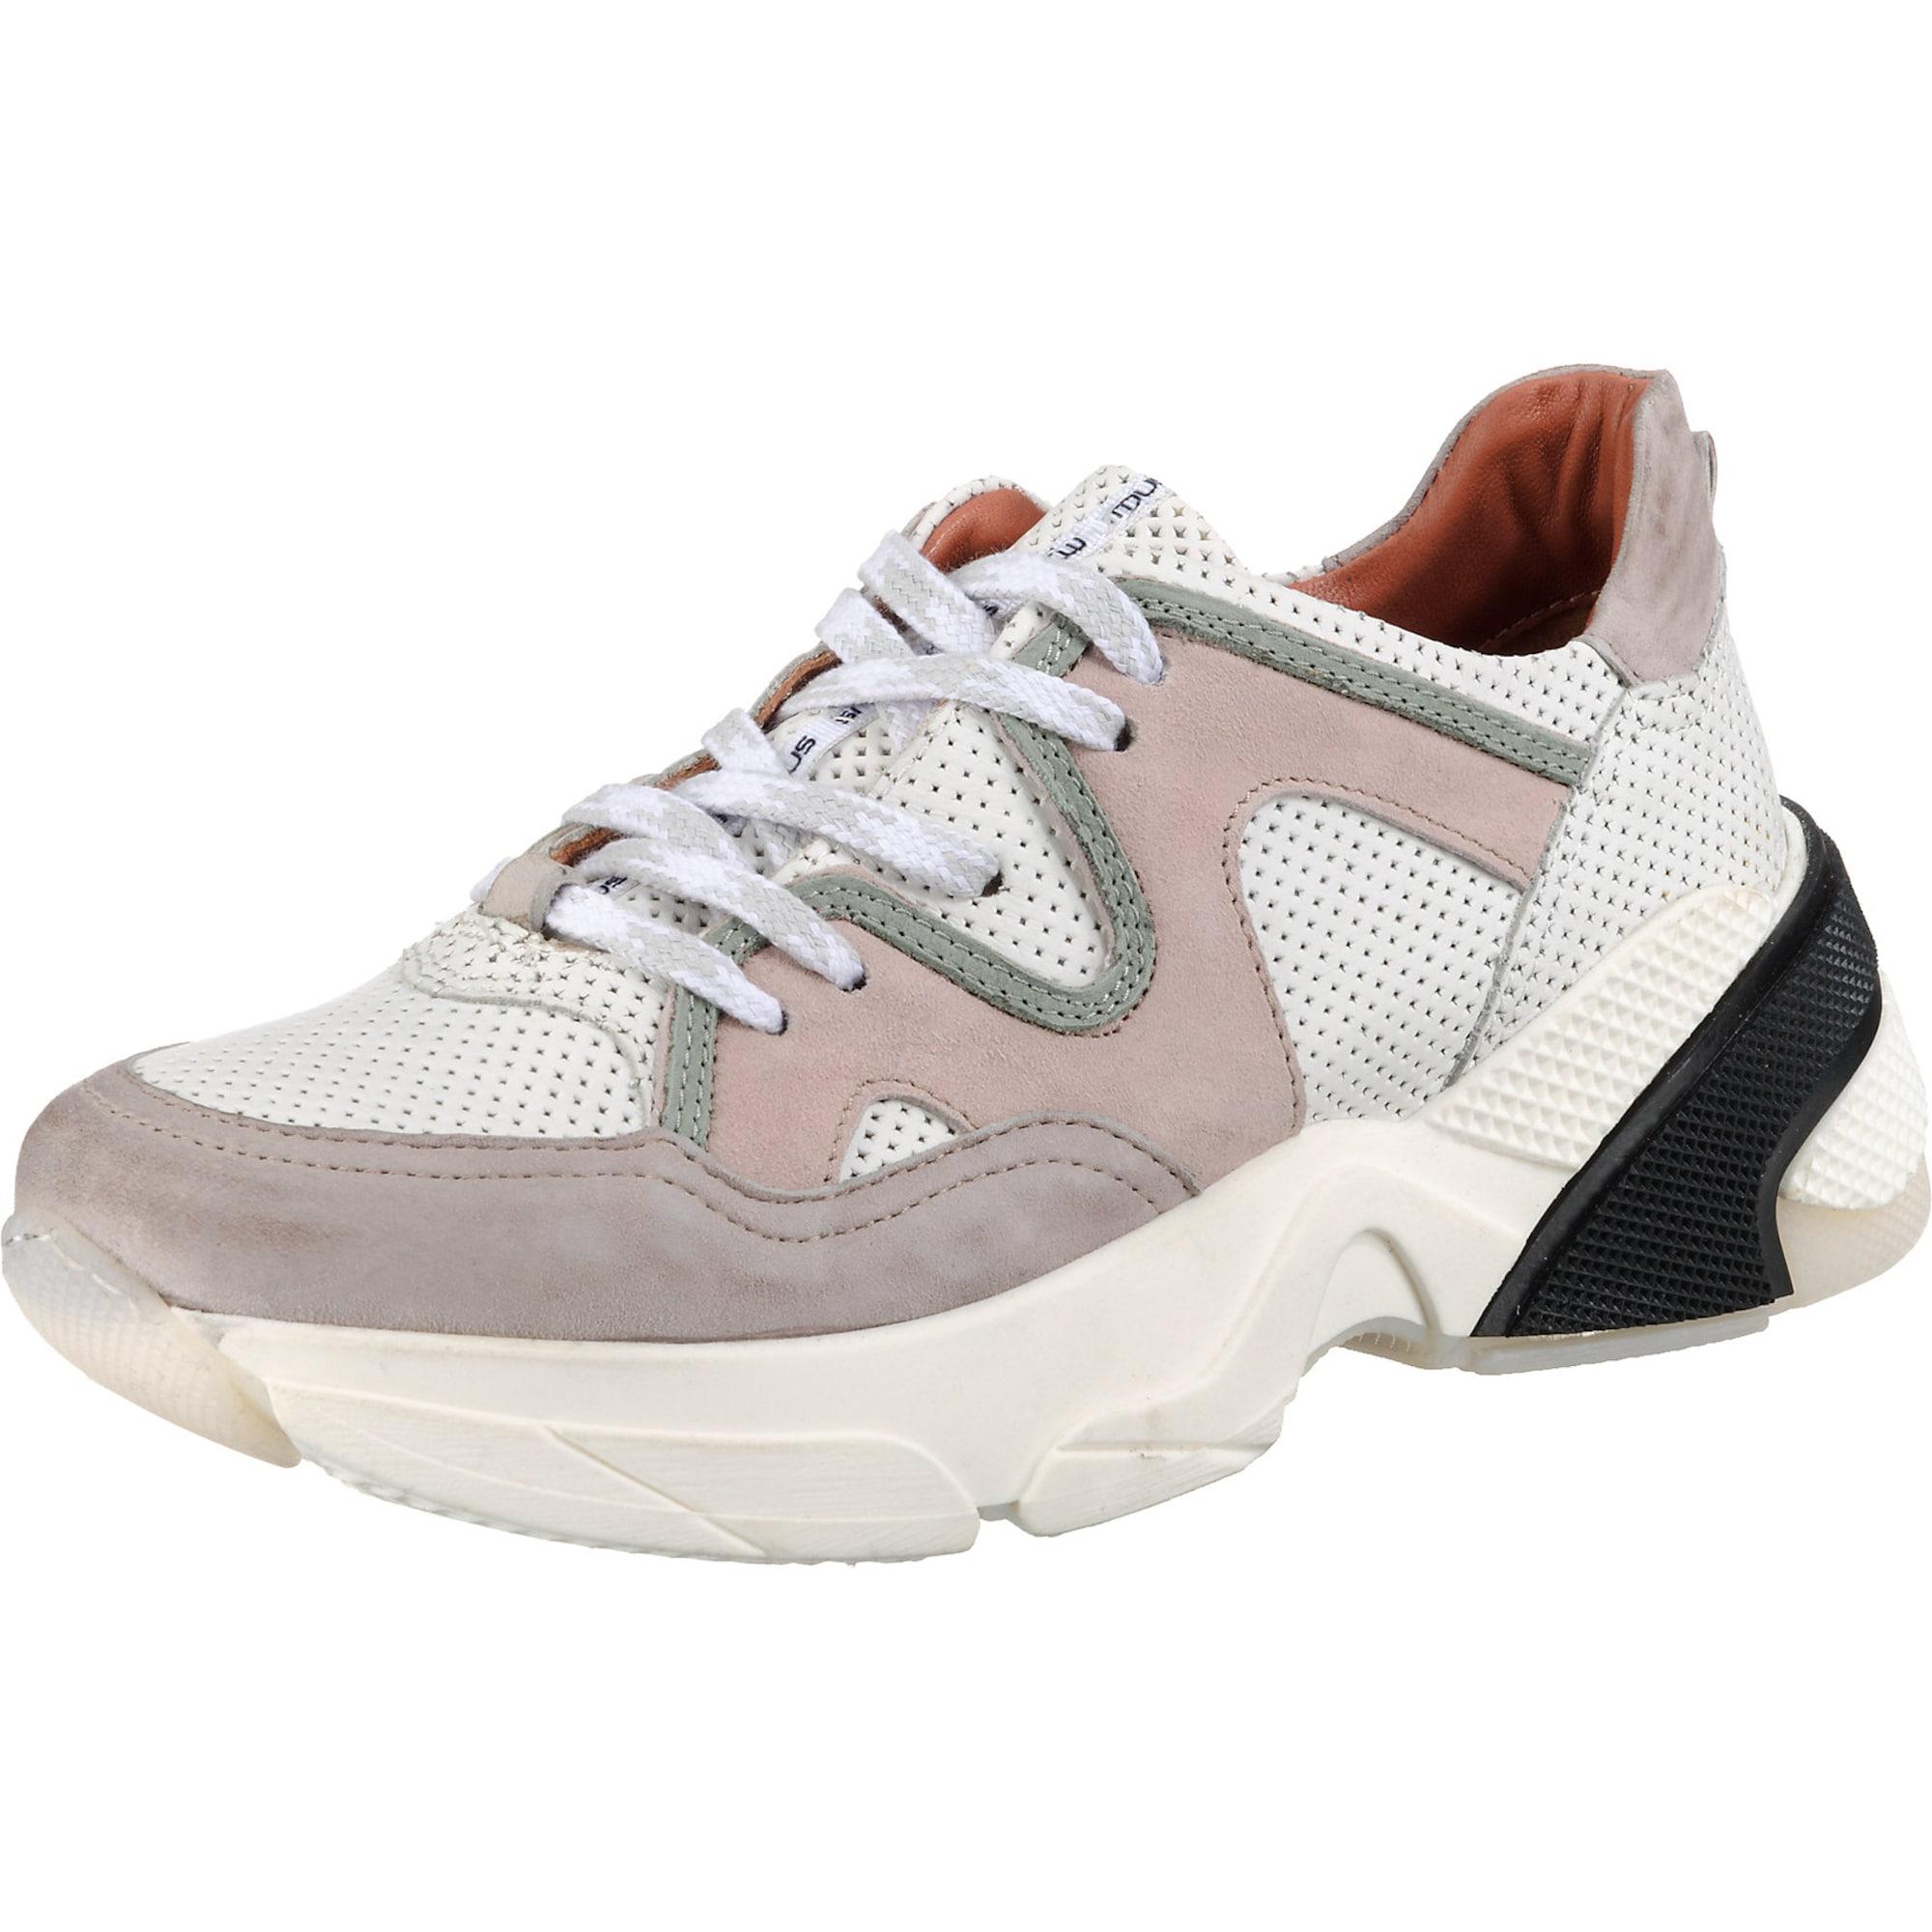 mjus - Sneakers